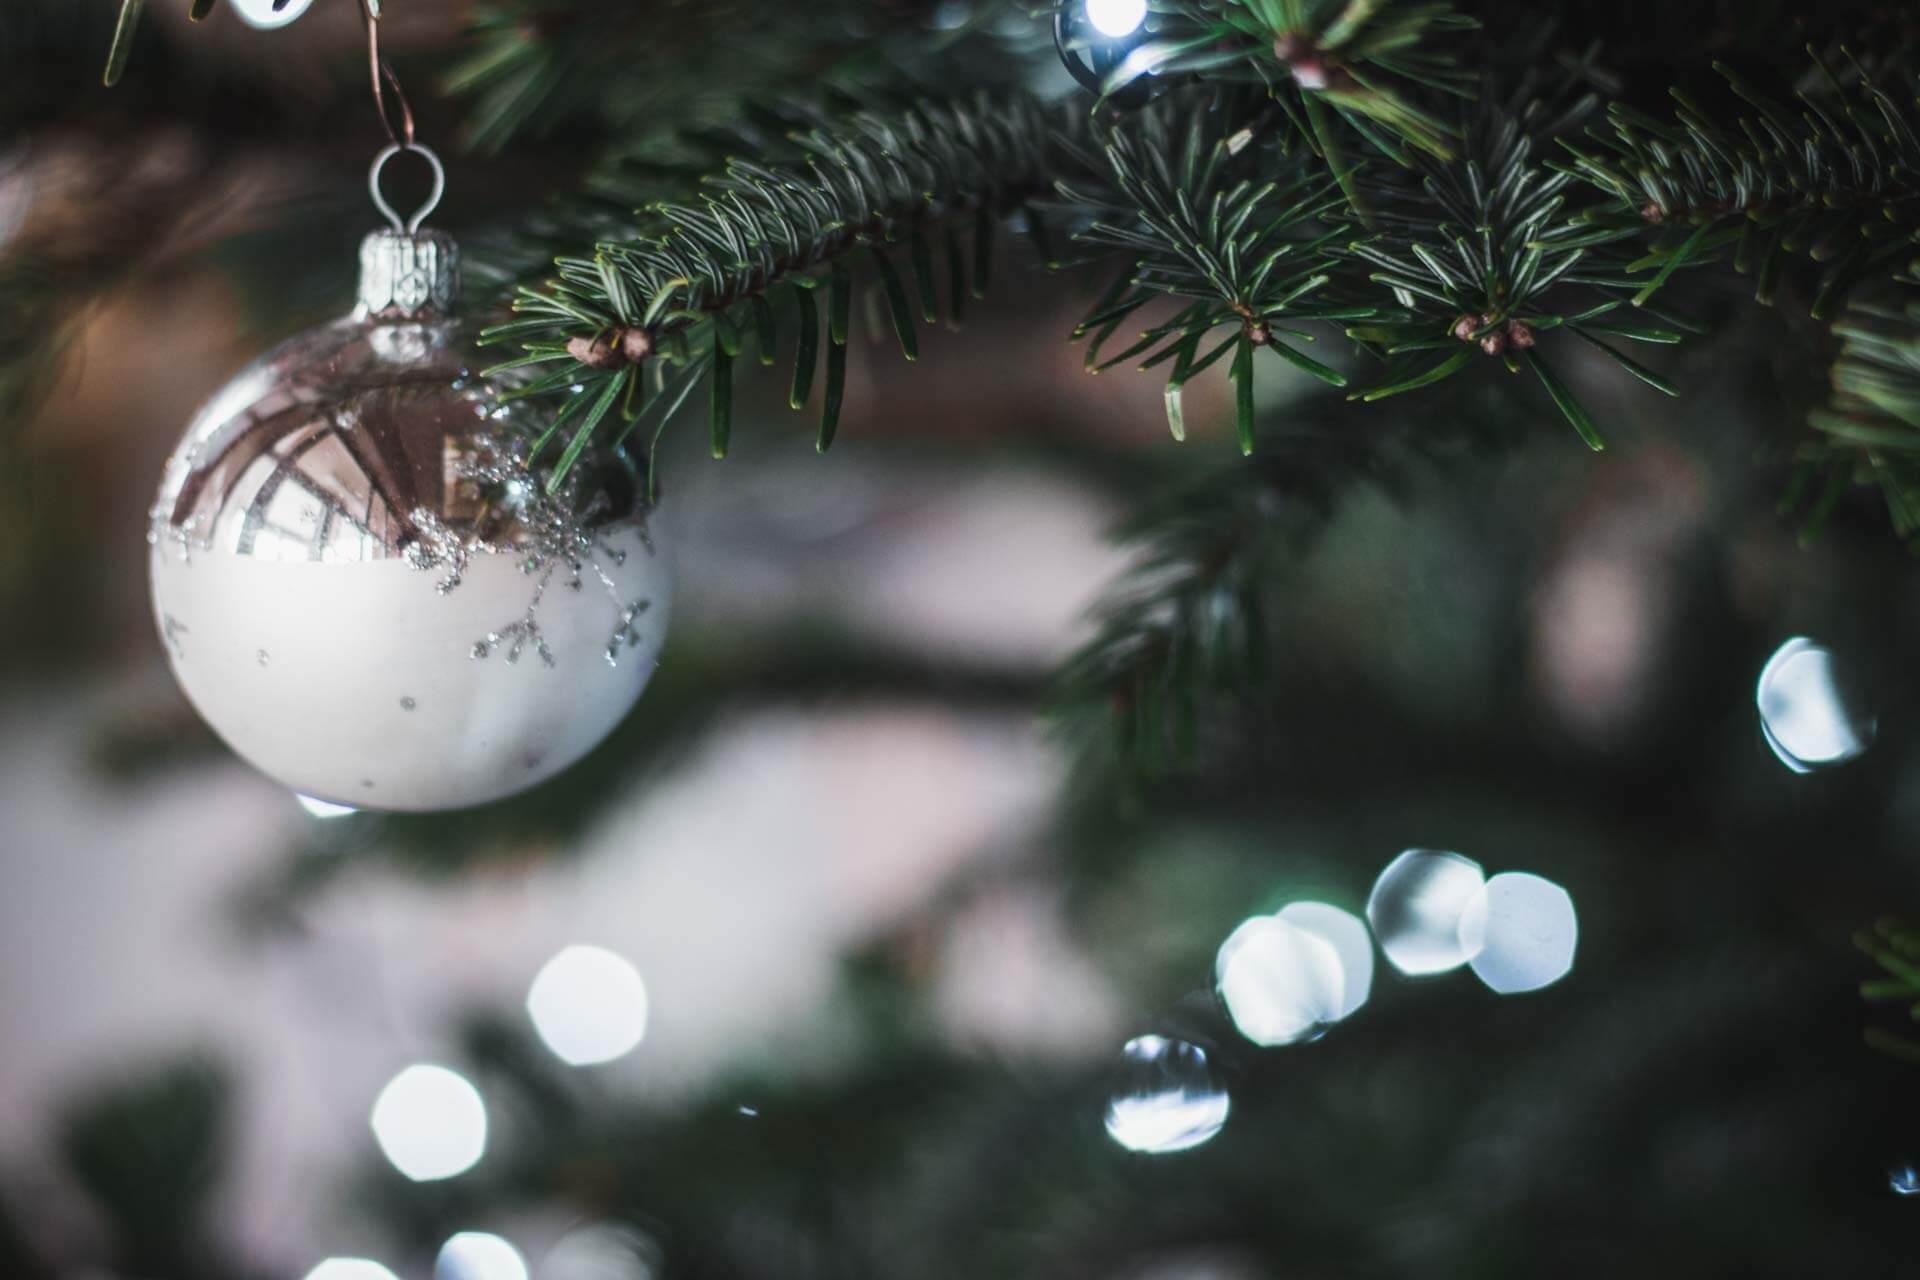 Foto ke článku 5, Vánoce, víno, štědrý den, štědrovečerní večeře